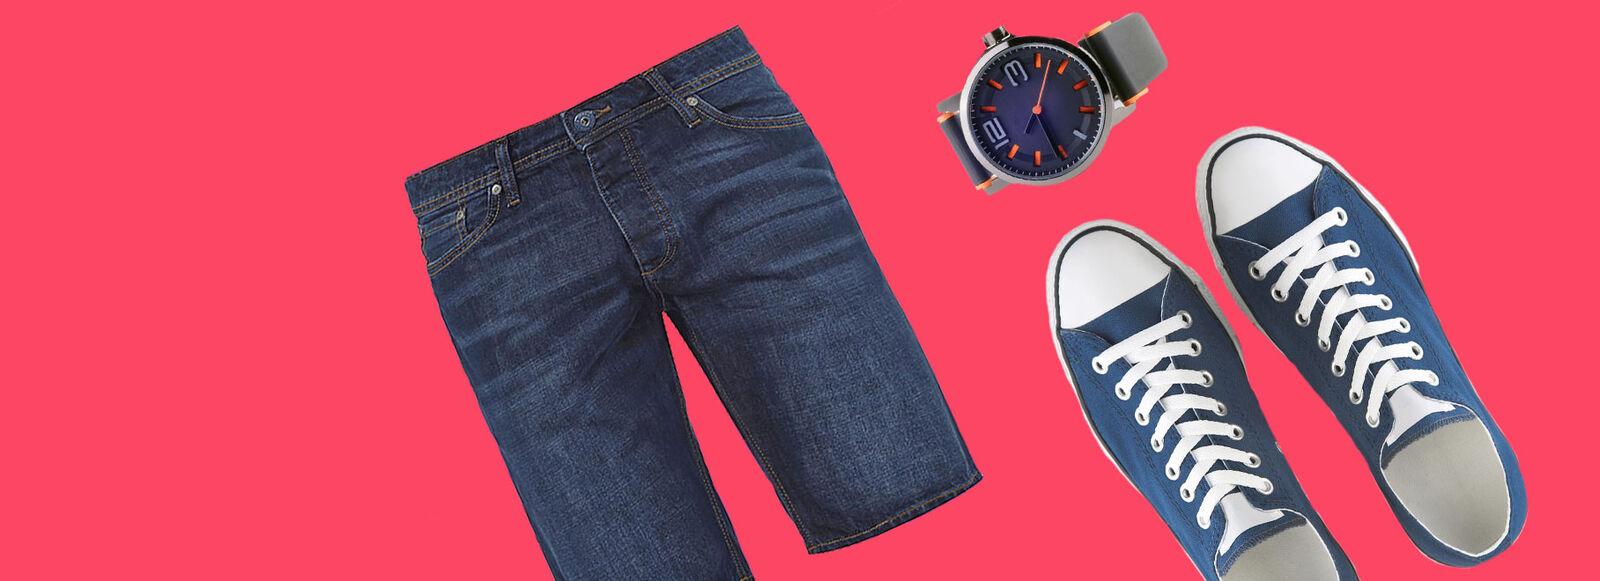 Es wird noch günstiger! Shorts, Sneaker, Uhren ...